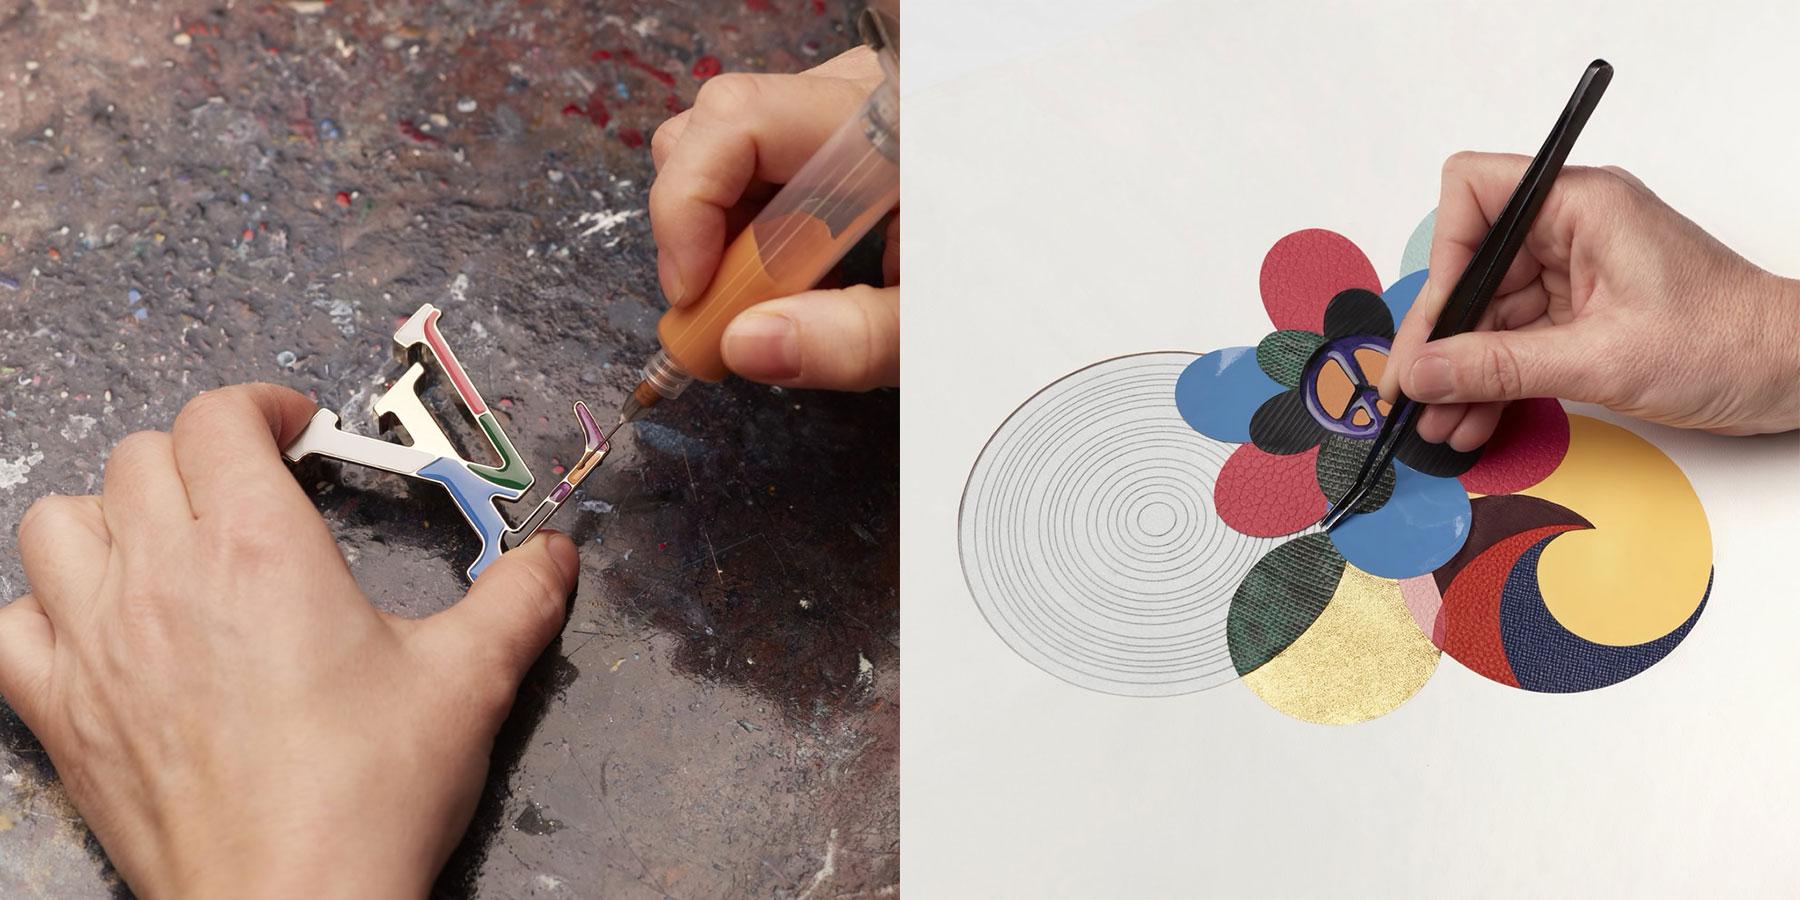 Louis Vuitton ra mắt 6 mẫu Artycapucines của các nghệ sĩ qua dòng túi Capucine - 3